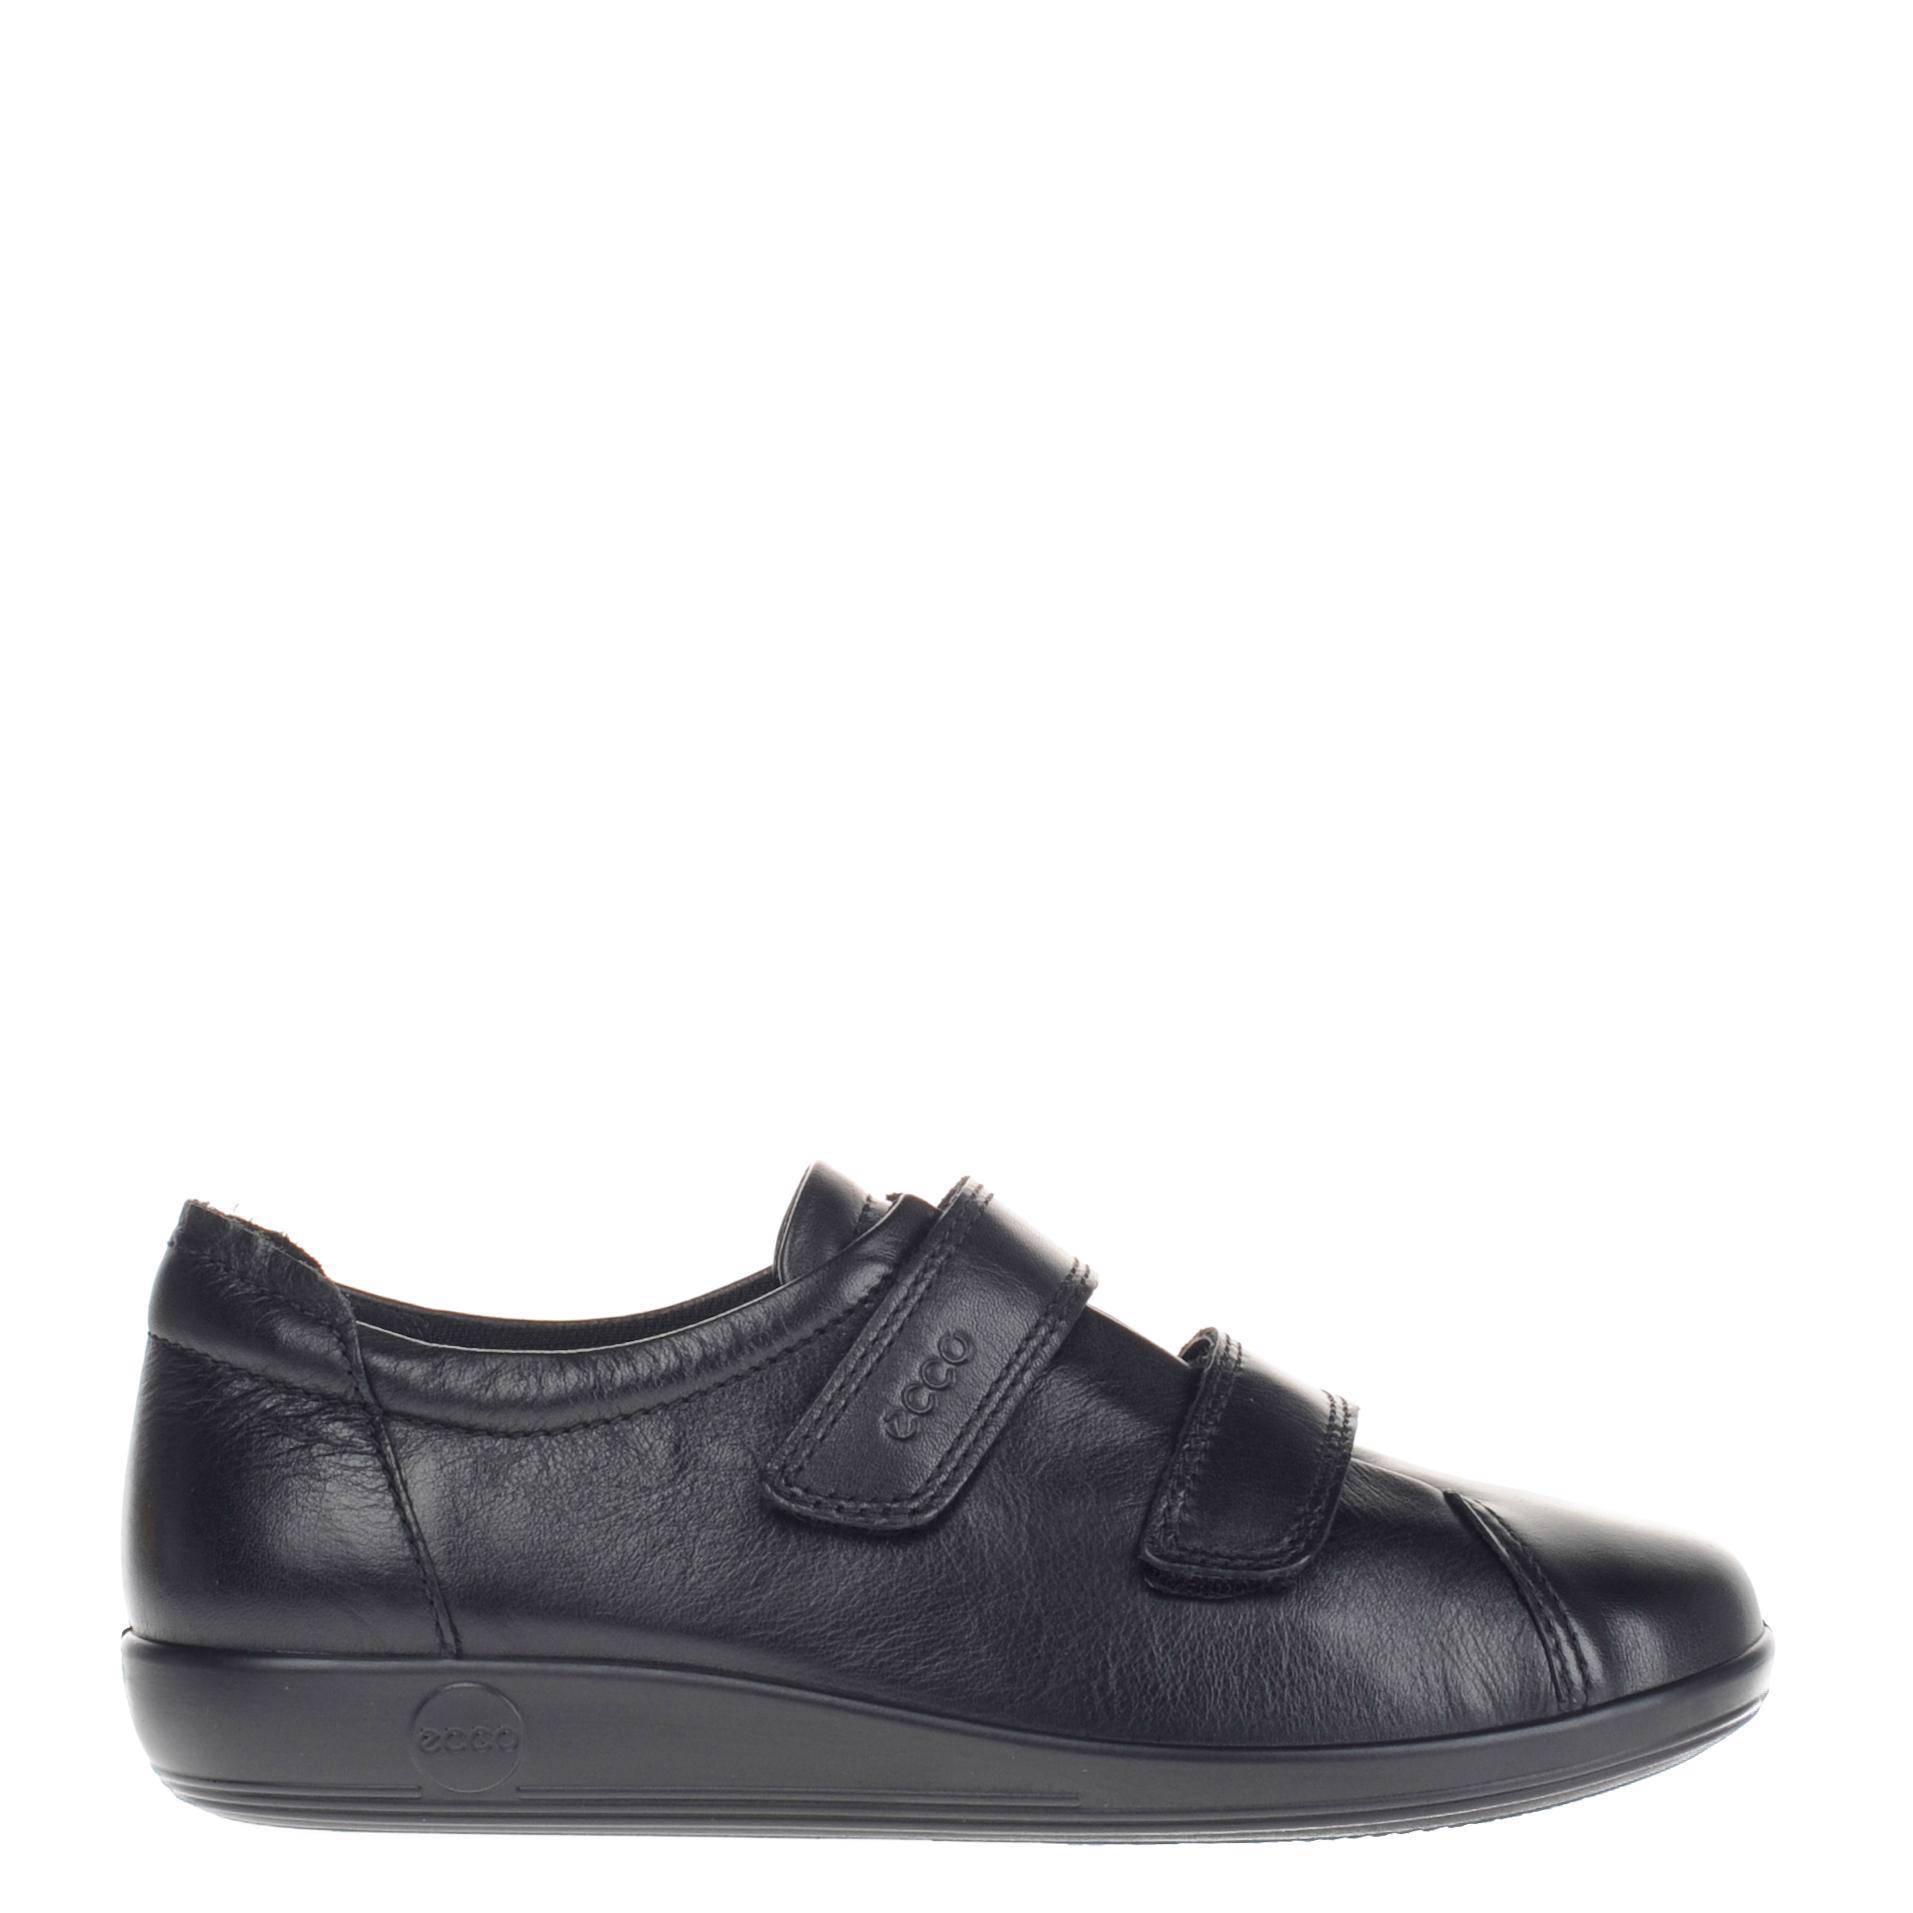 Comfort Soft 2.0 leren klittenbandschoenen zwart